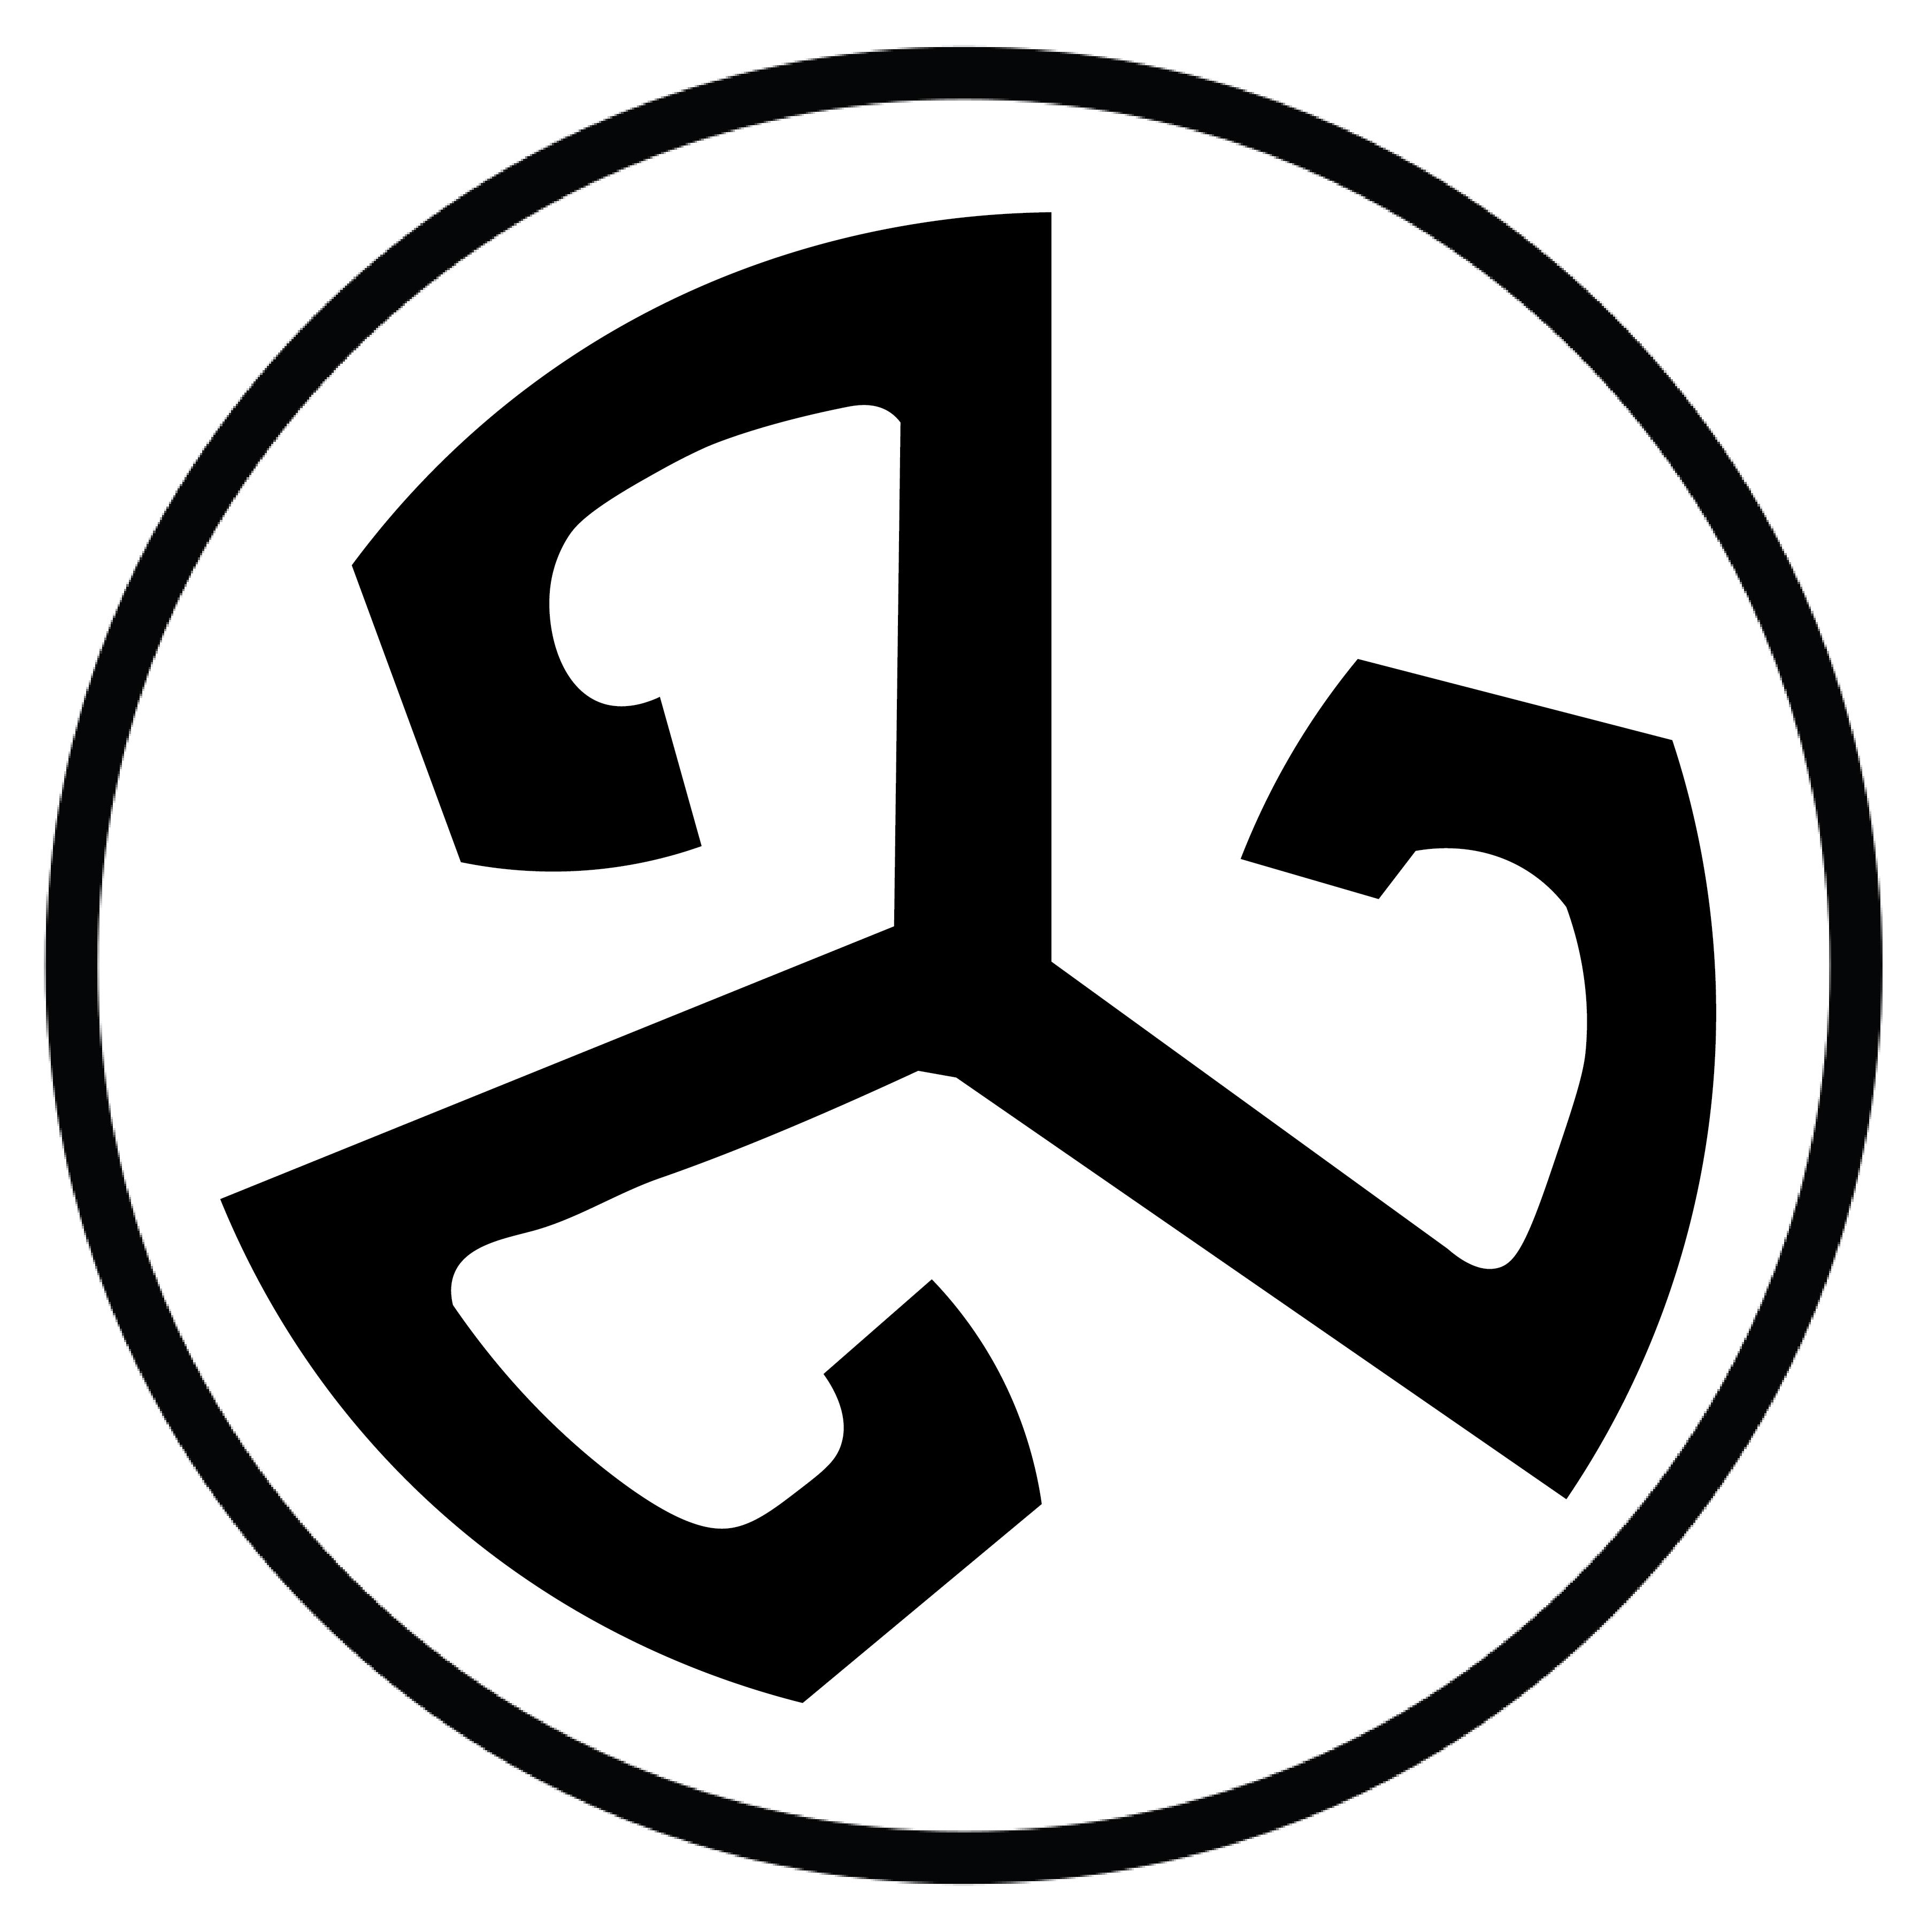 File:Gegengheist Gruppe symbol.jpg